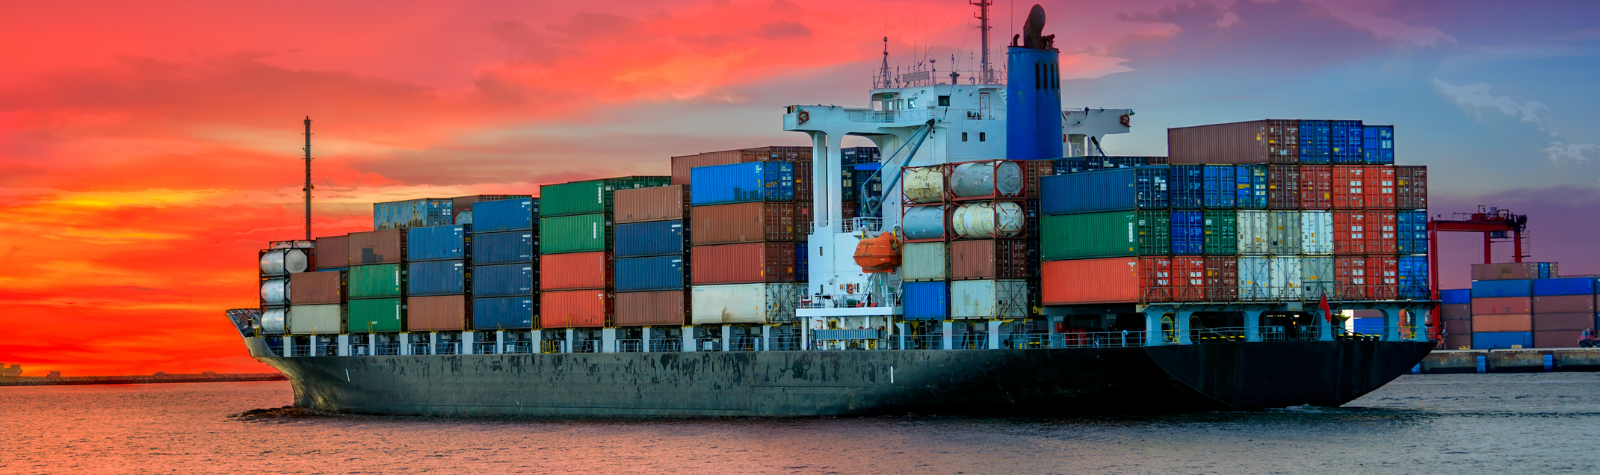 La Svizzera parteciperà al sistema di controllo all'importazione ICS2 dell'Unione Europea